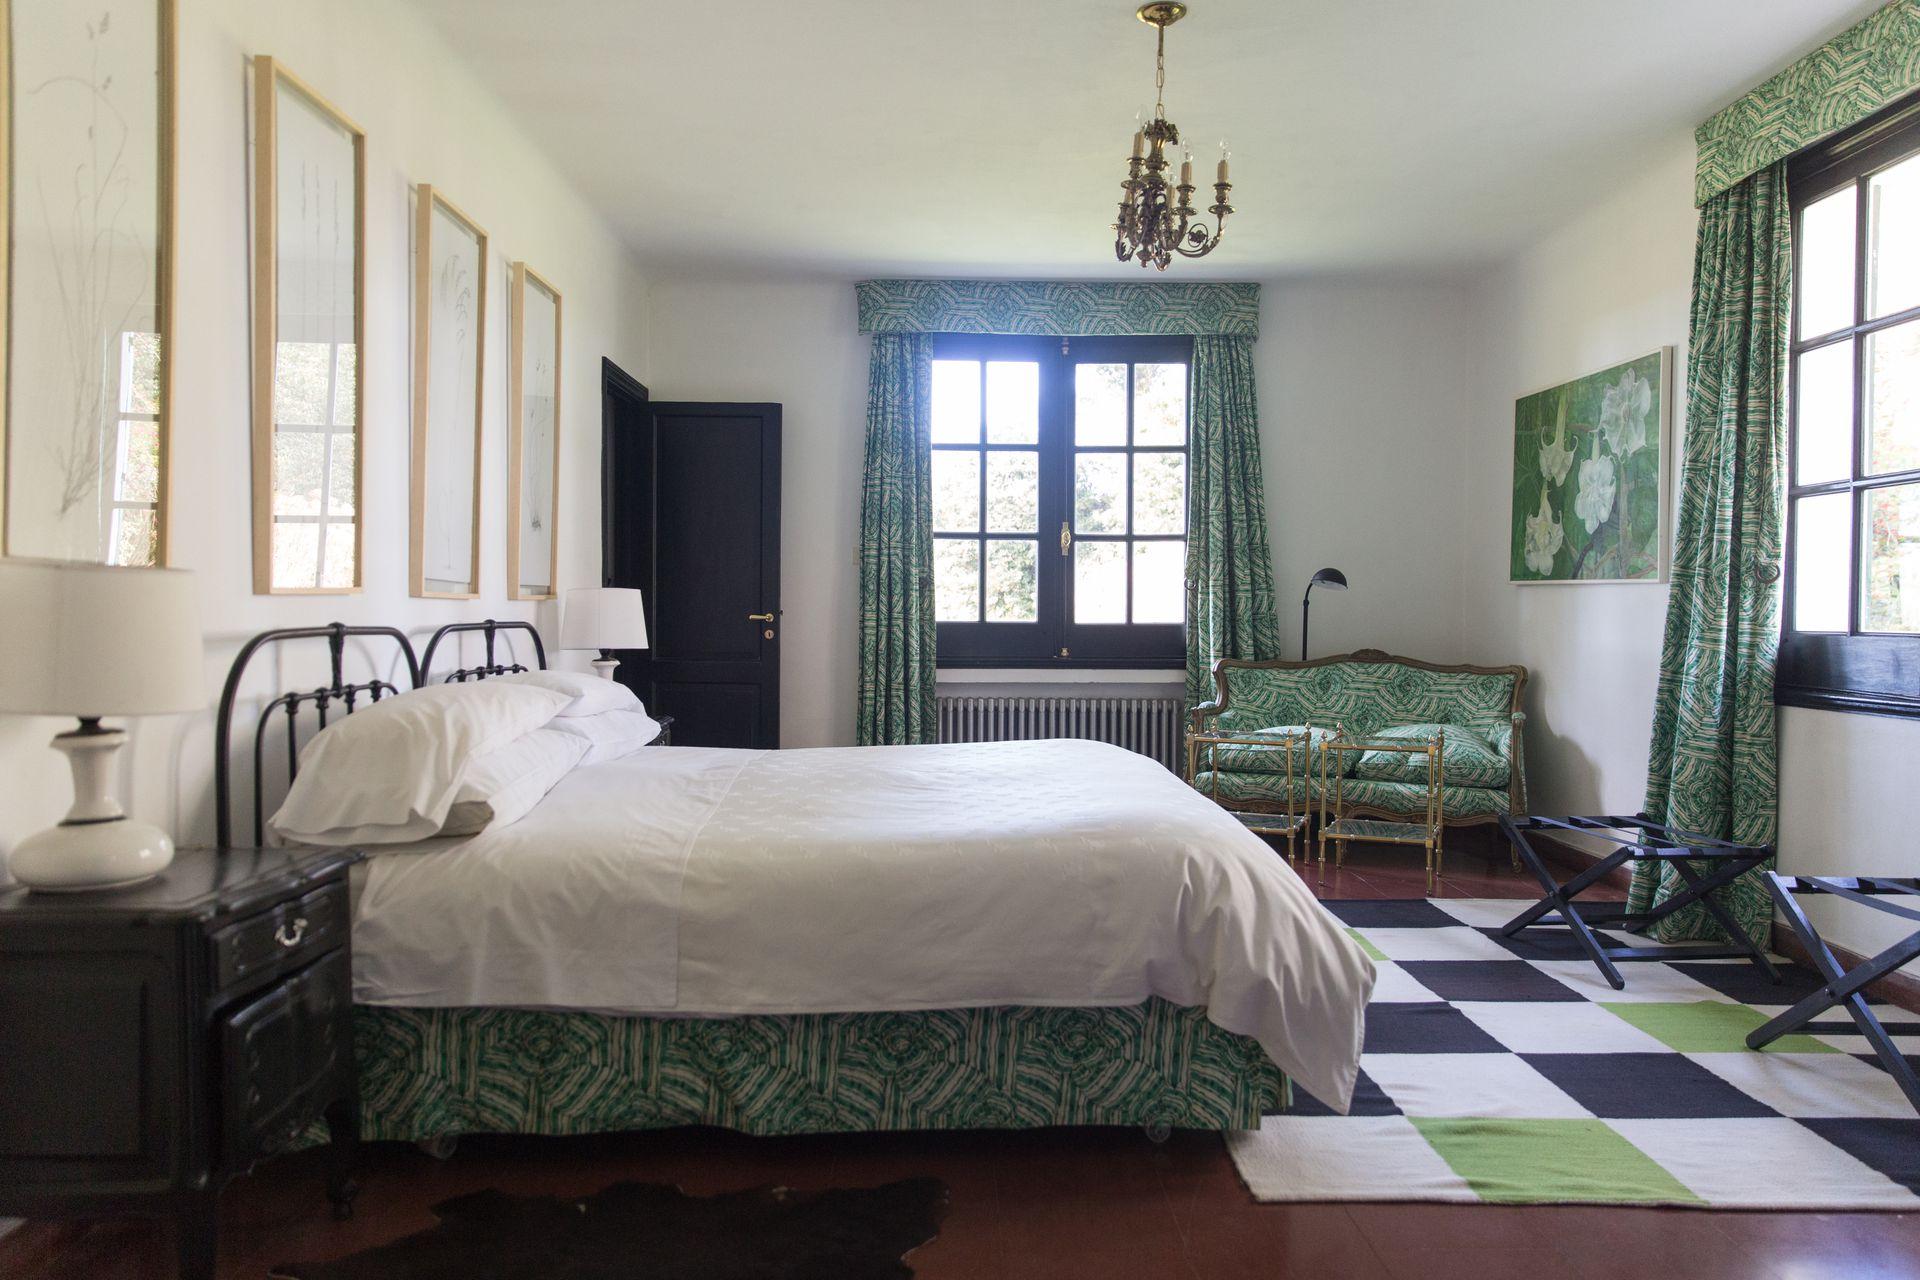 Una de las habitaciones, amplia, luminosa y en tonos verdes.